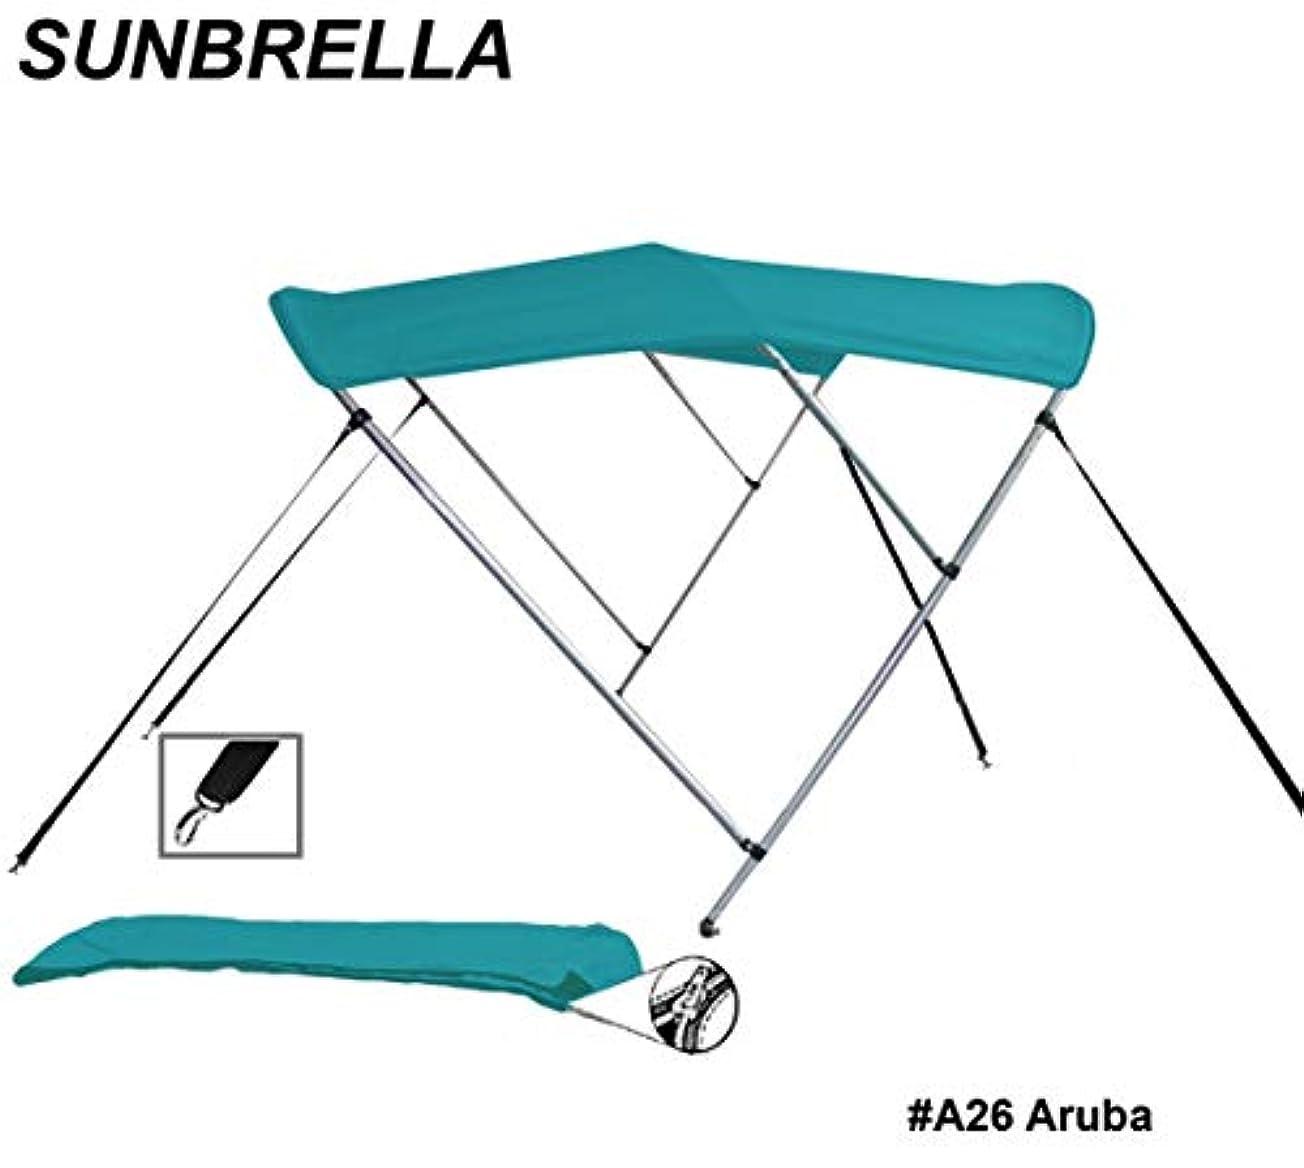 ラウンドチューブ 3ボウ ボート ビミニトップ サンシェード トップ幅67~72インチ×高さ60インチ×長さ6フィート サンブレラ アクリルとアルミフレーム